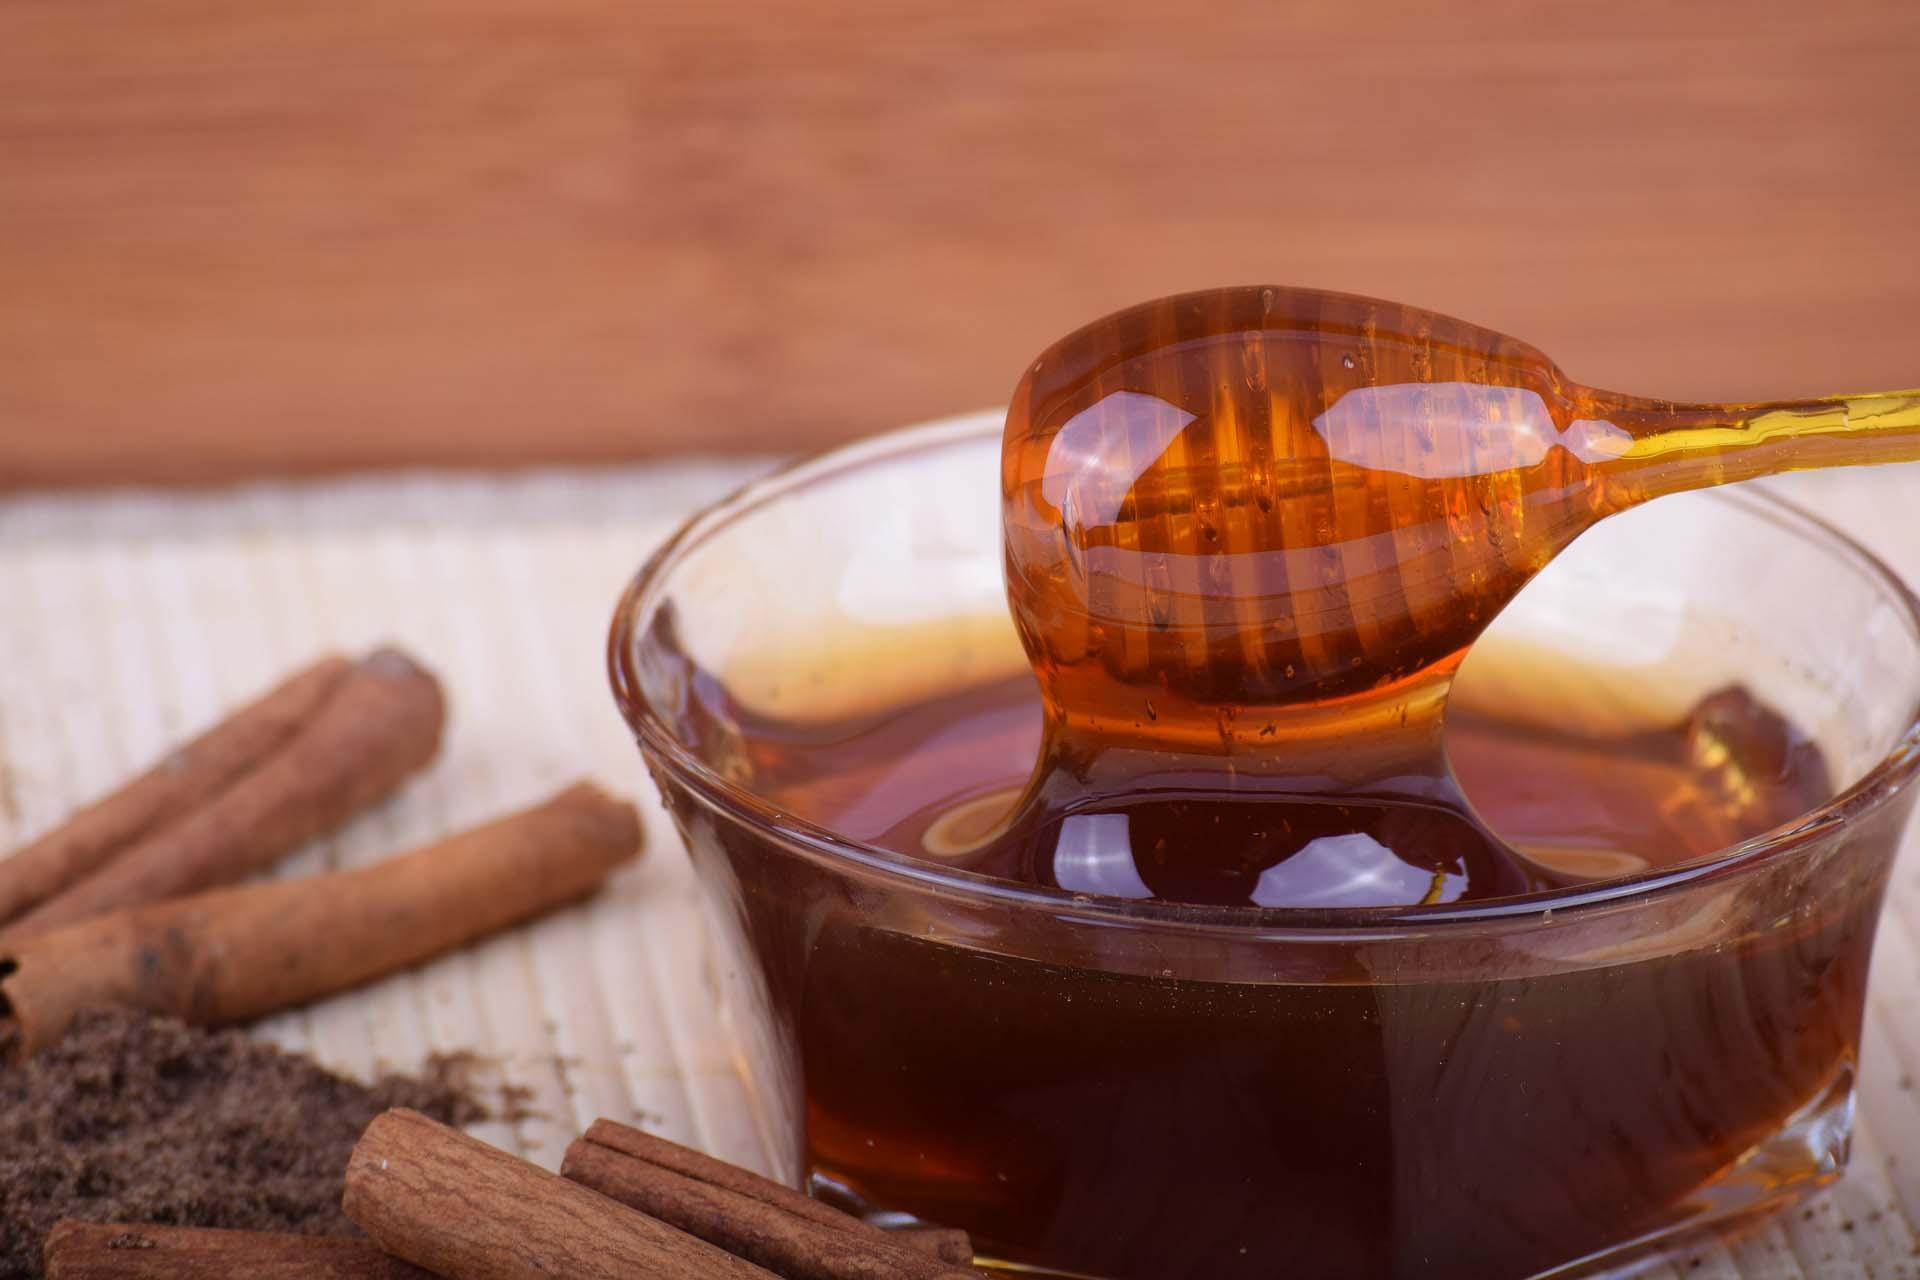 Prirodni zasladjivaci: stevia med